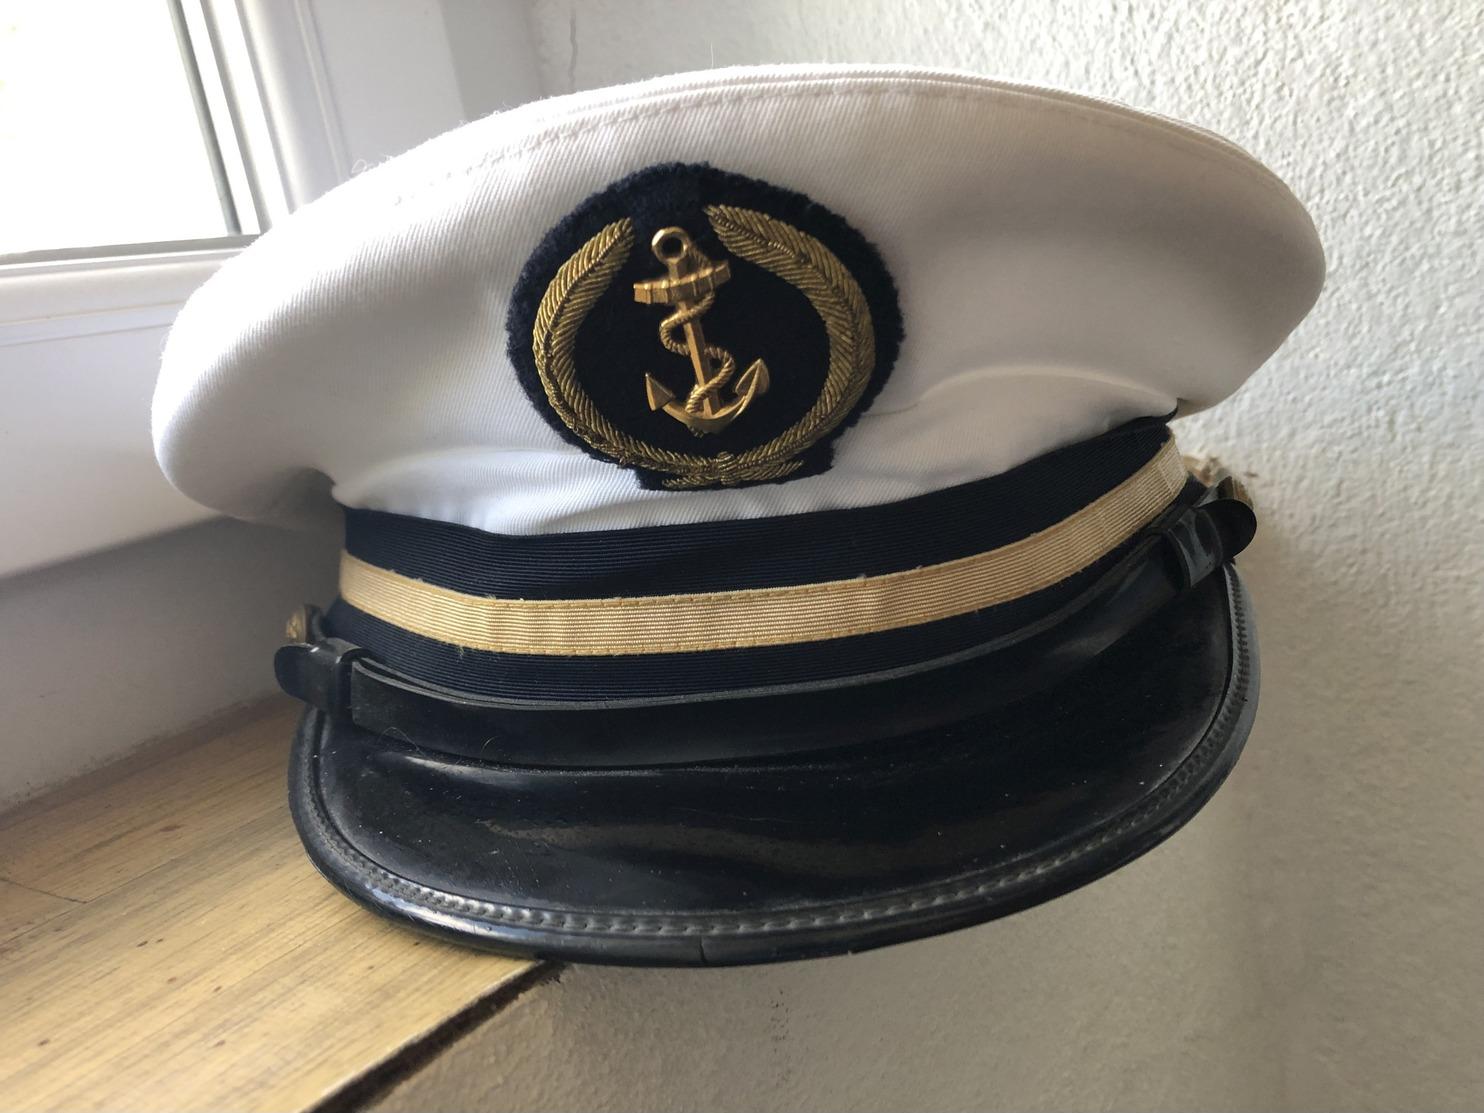 Uniforme Complet Officier Marinier Supérieur ( Veste Et Pantalon, Casquette) ,excellent état - Uniforms